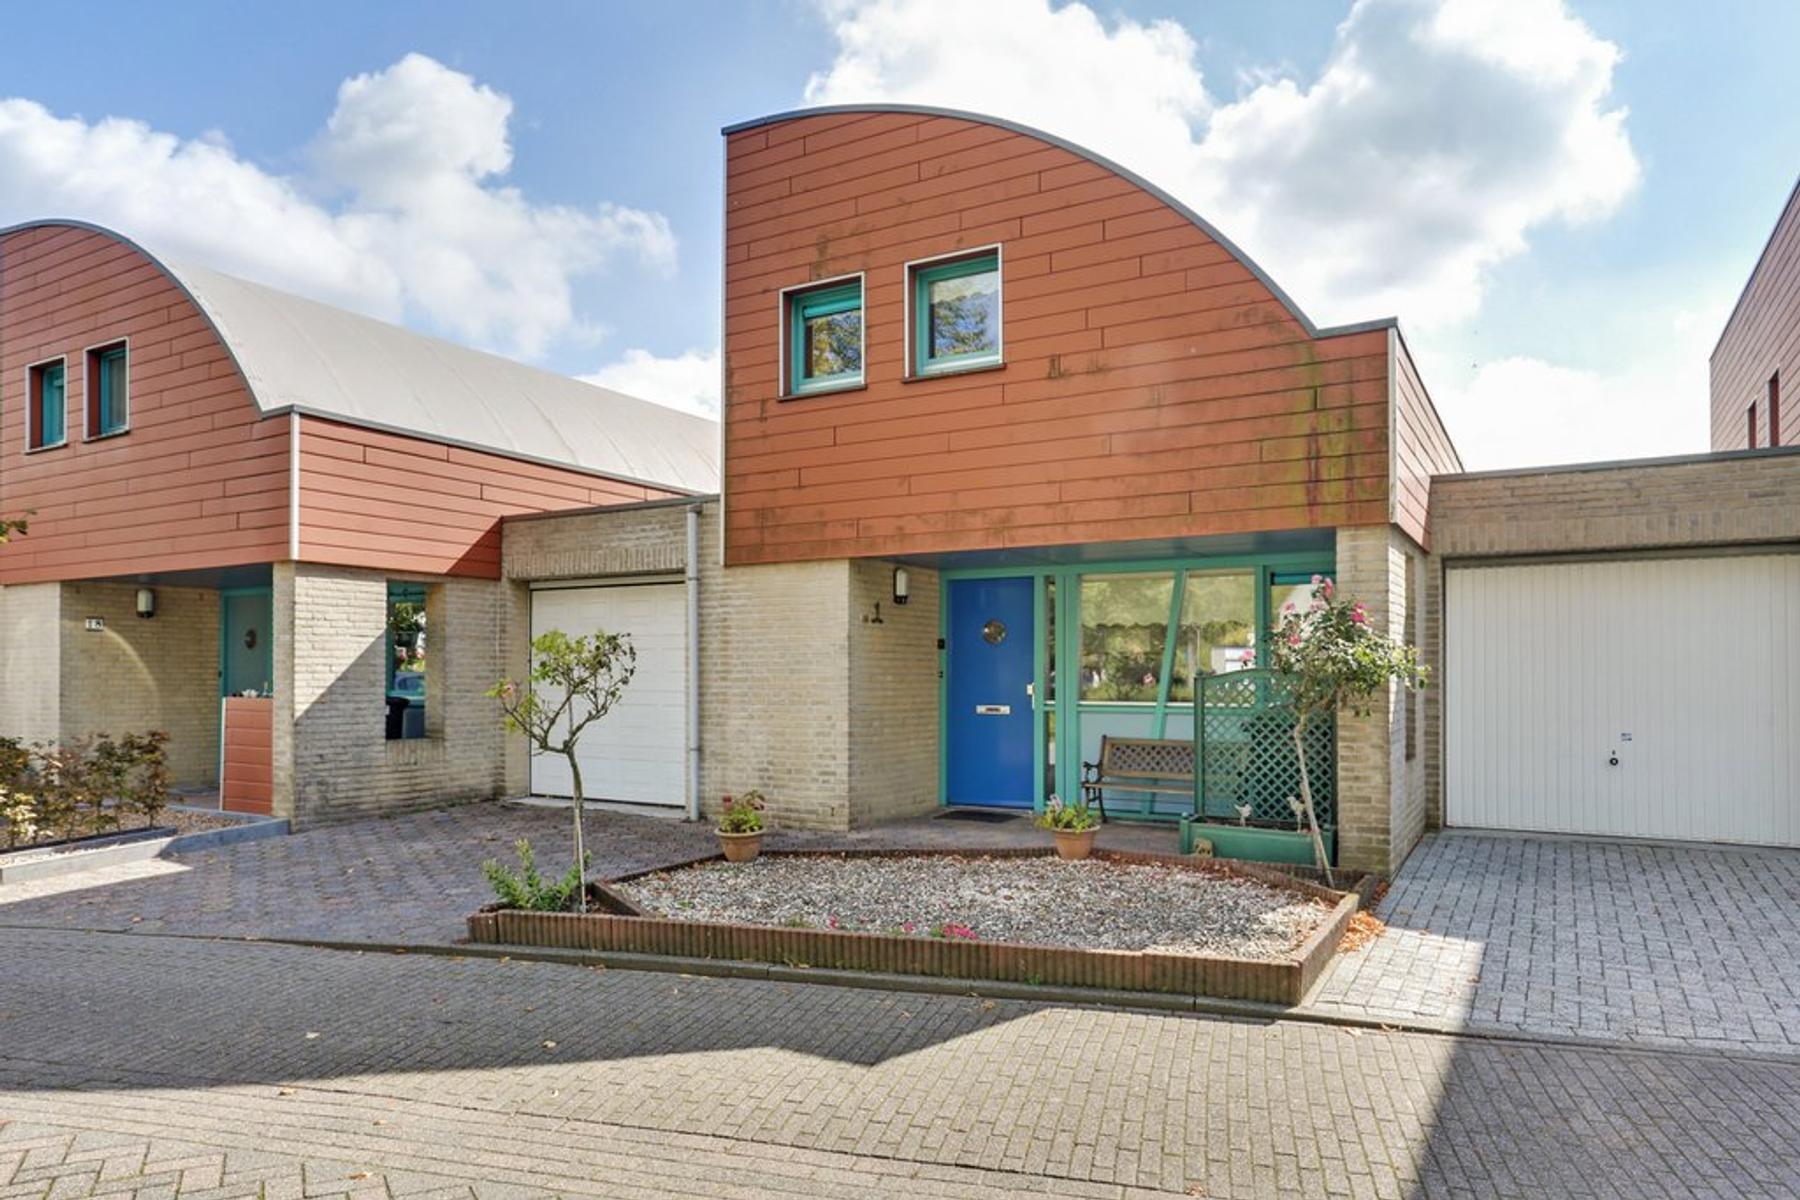 Burgemeester Antonissenstraat 16 in Rucphen 4715 HB